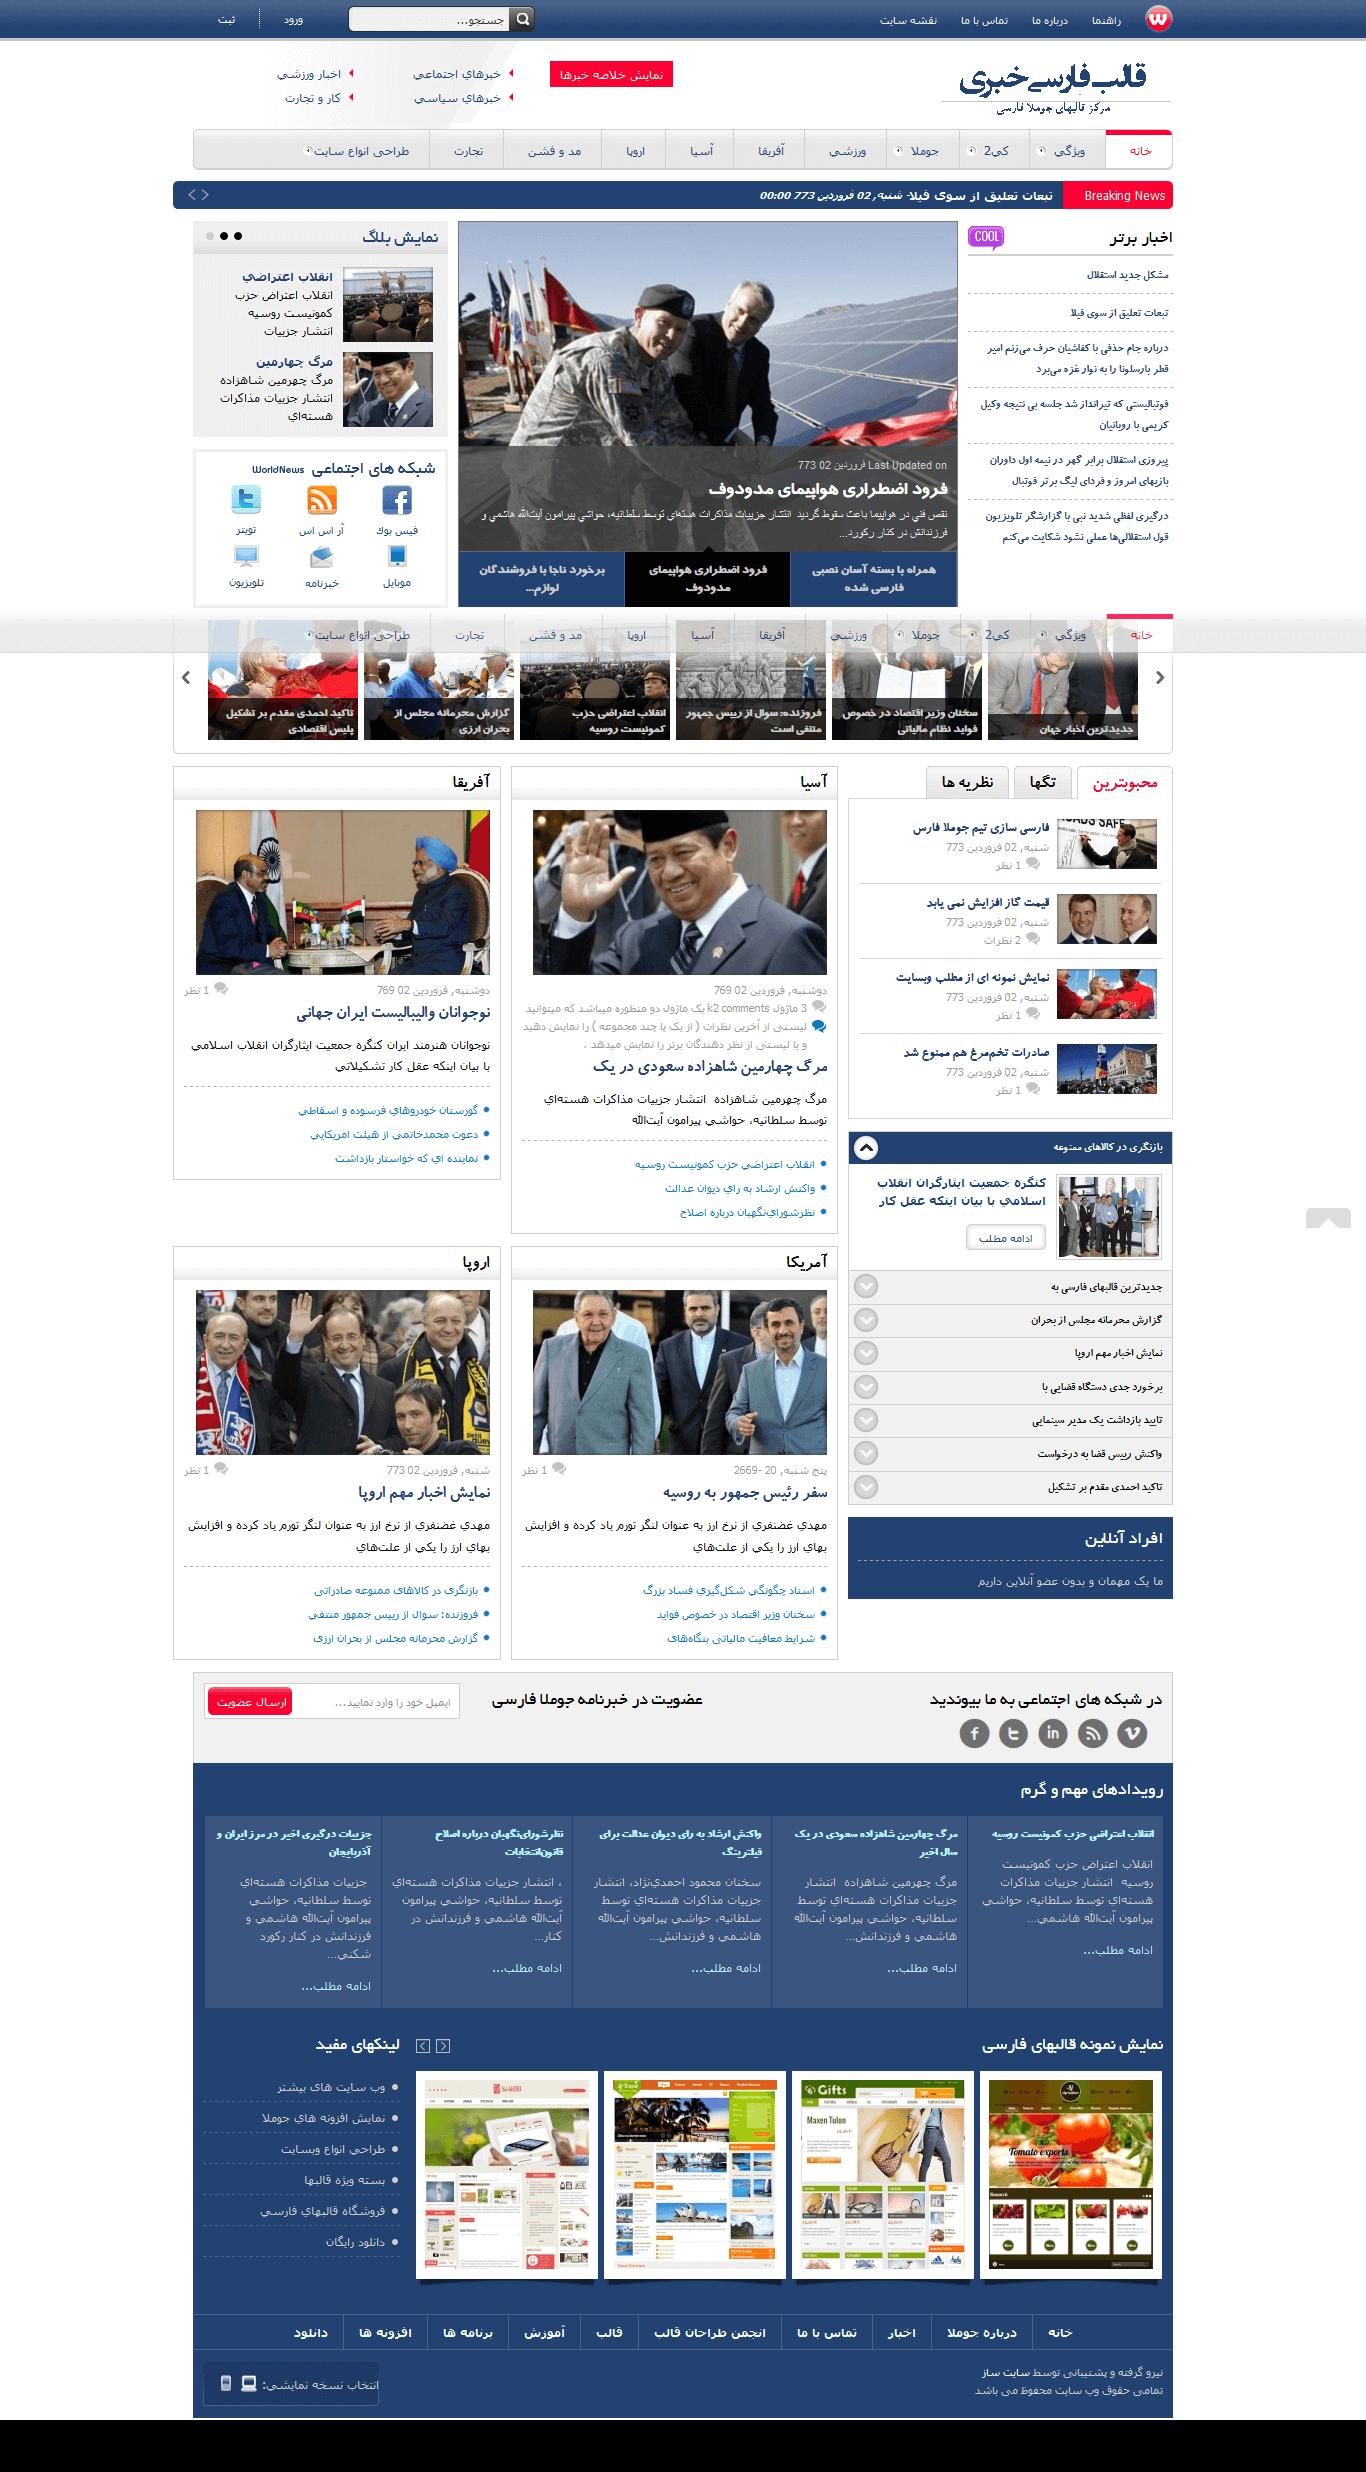 وب سایت خبری تکتا